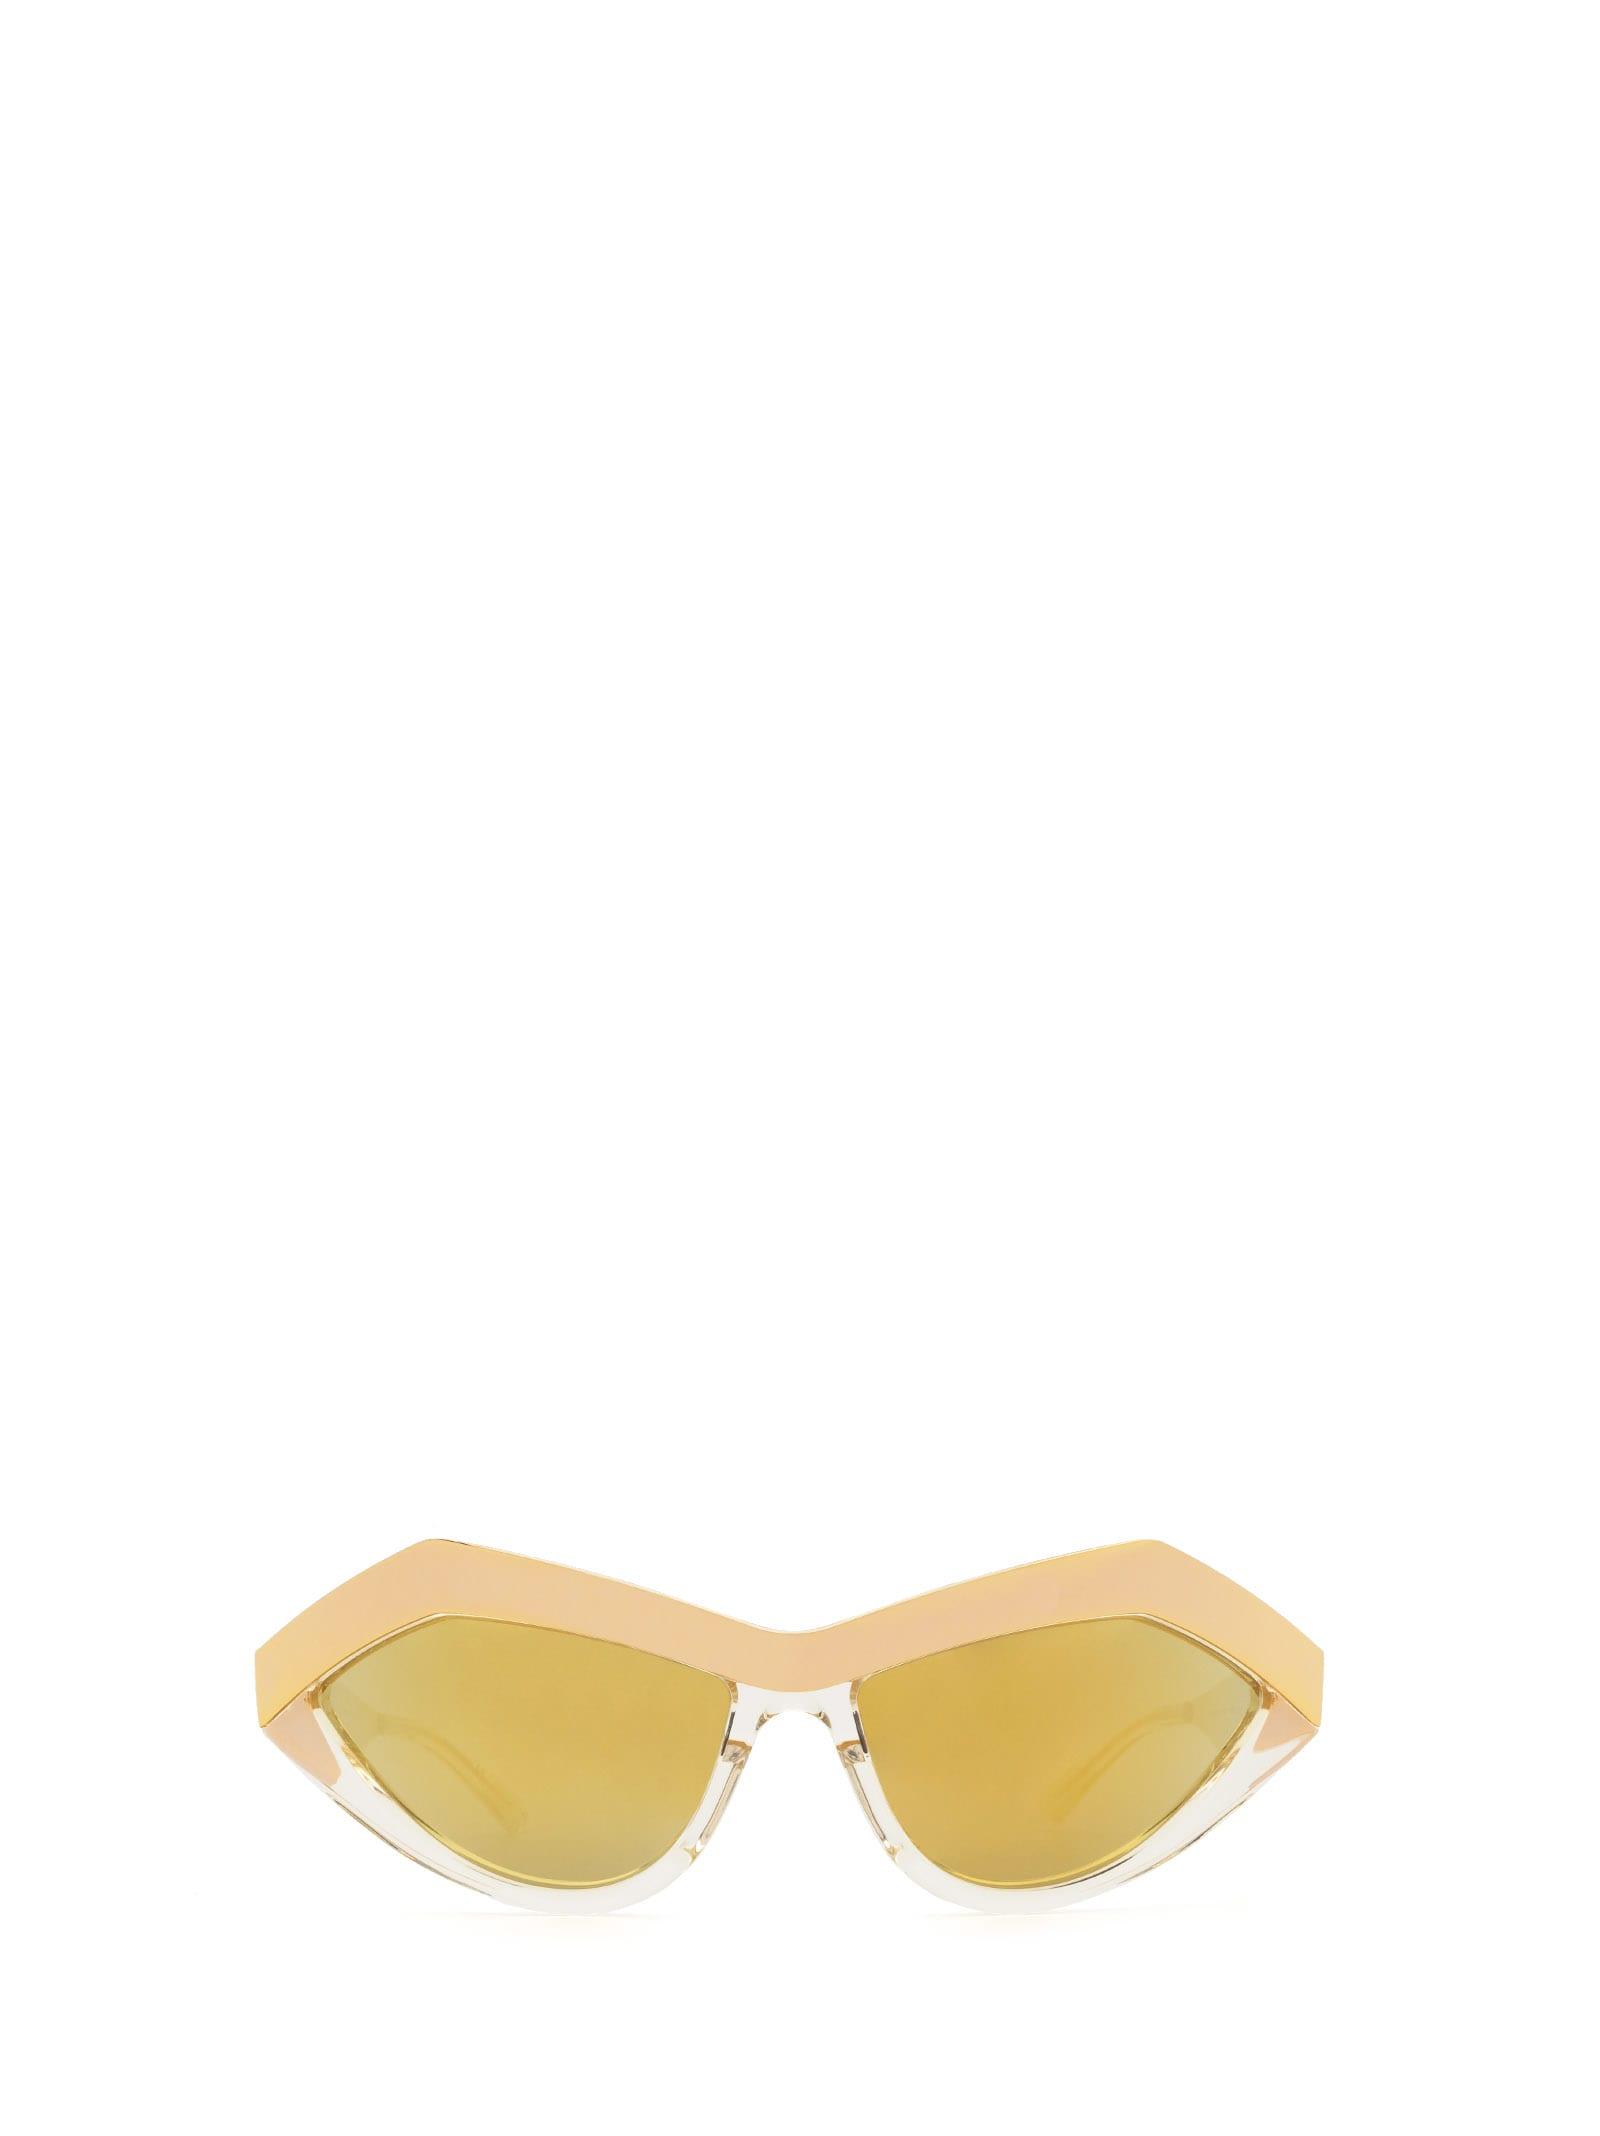 Bottega Veneta Bottega Veneta Bv1055s Gold Sunglasses